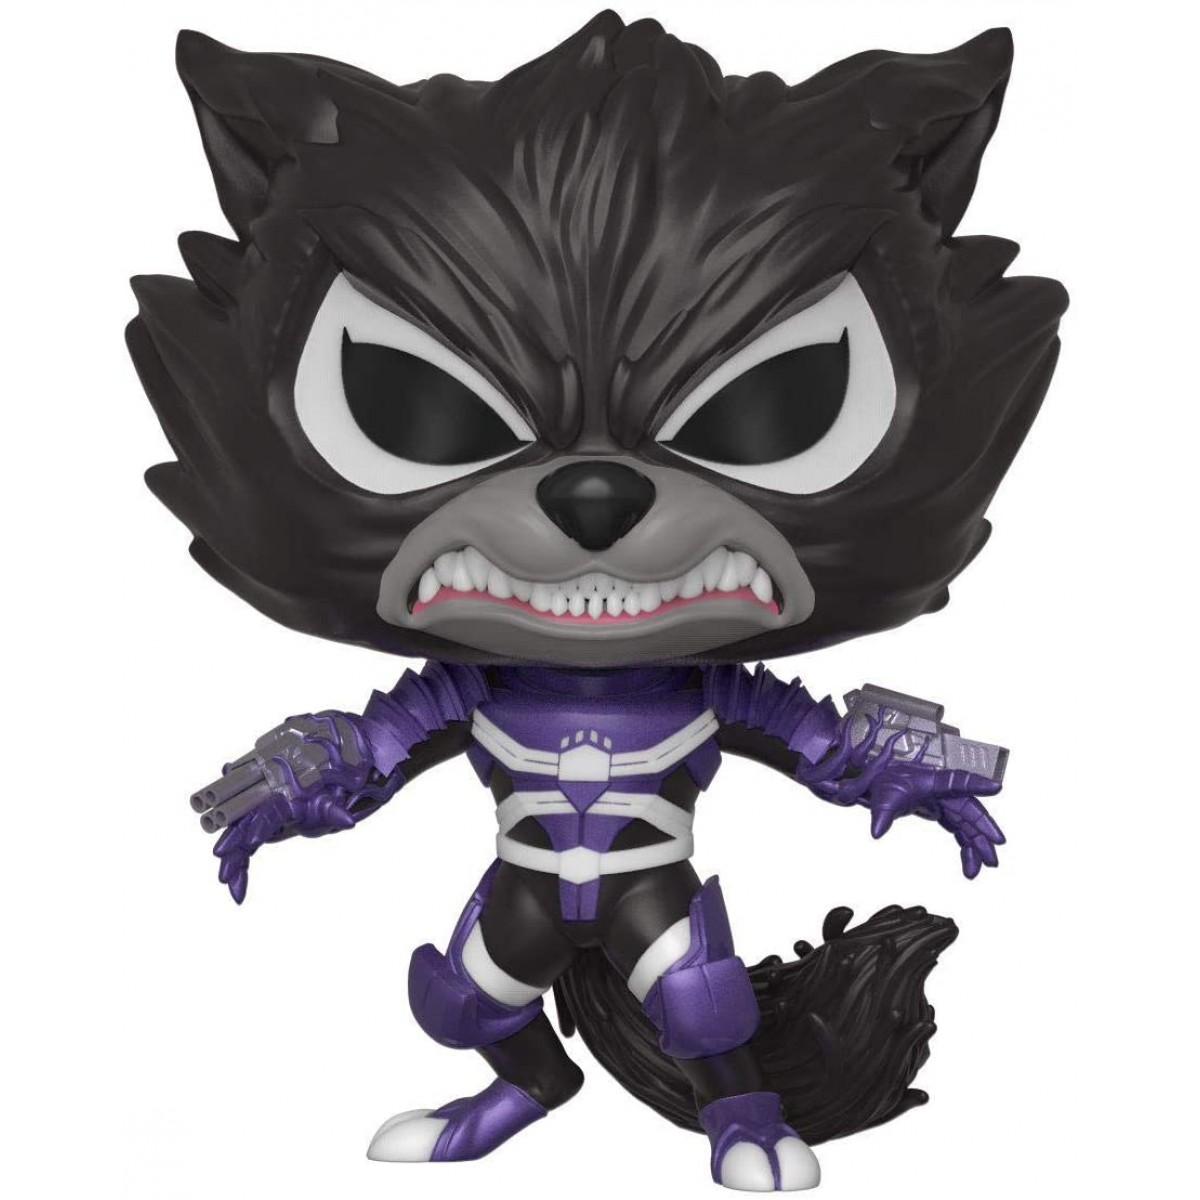 Funko POP! Rocket Raccoon, N 40707